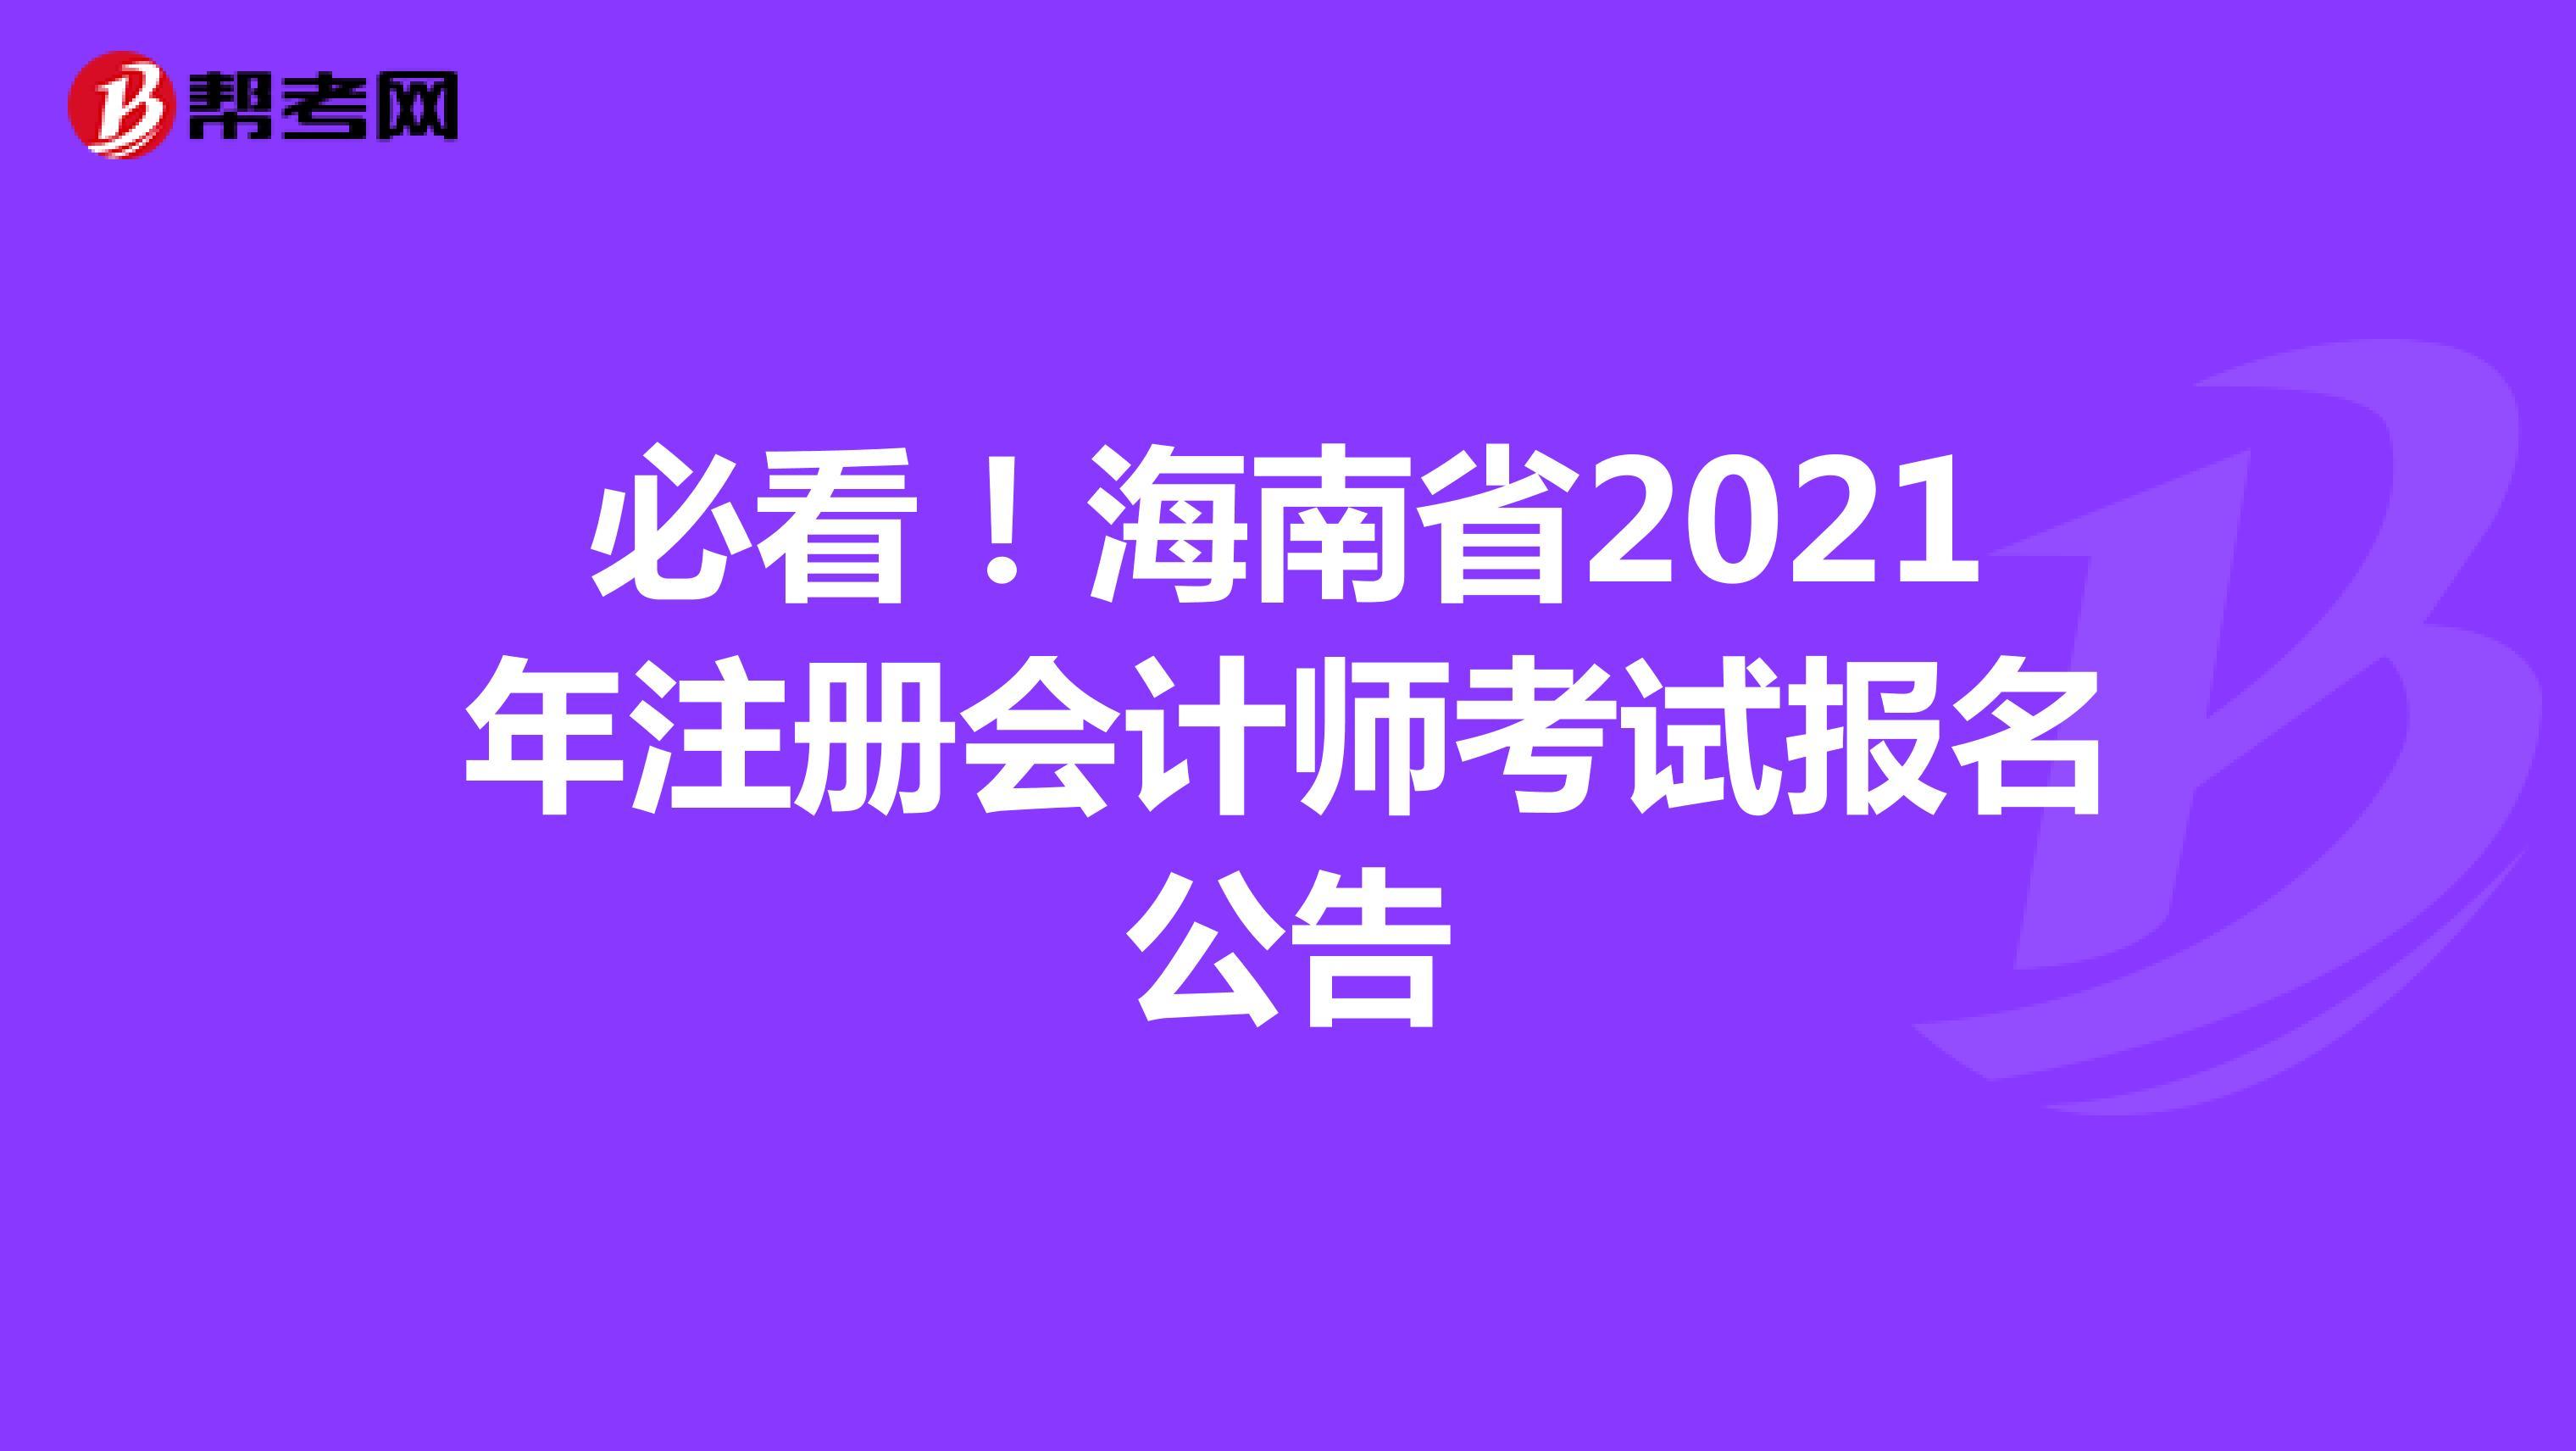 必看!海南省2021年【hot88热竞技提款】注册会计师考试报名公告